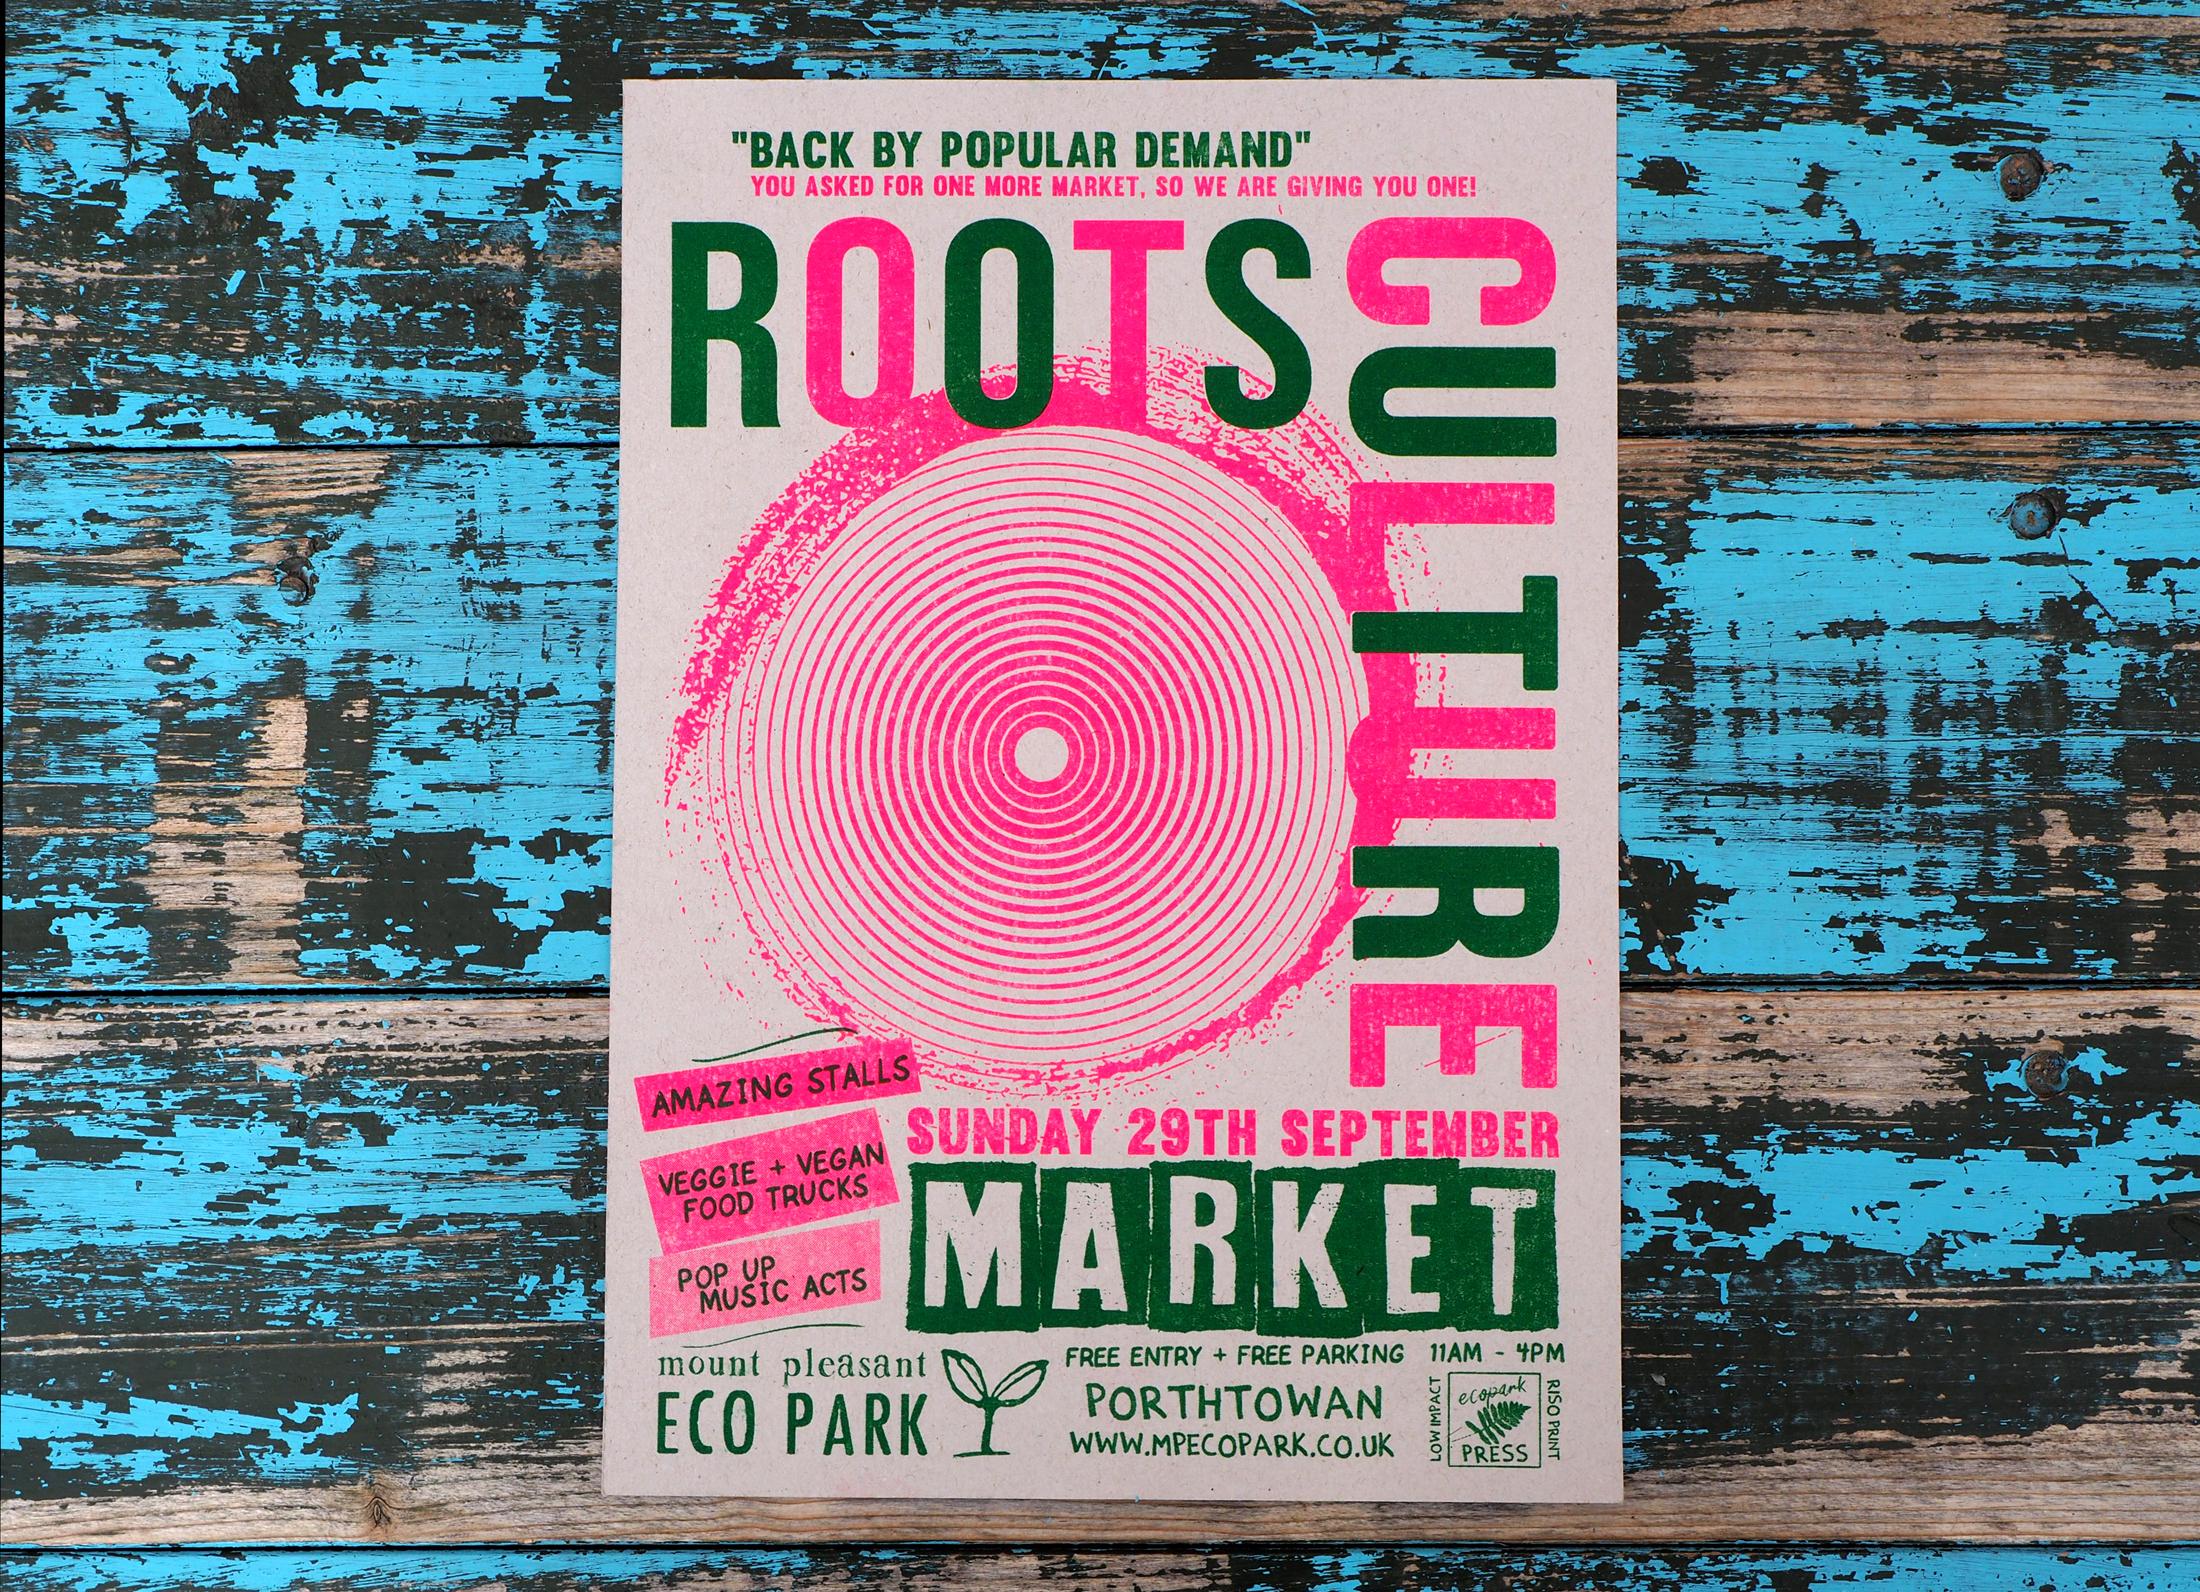 Roots Culture Market Mount Pleasant Eco Park September